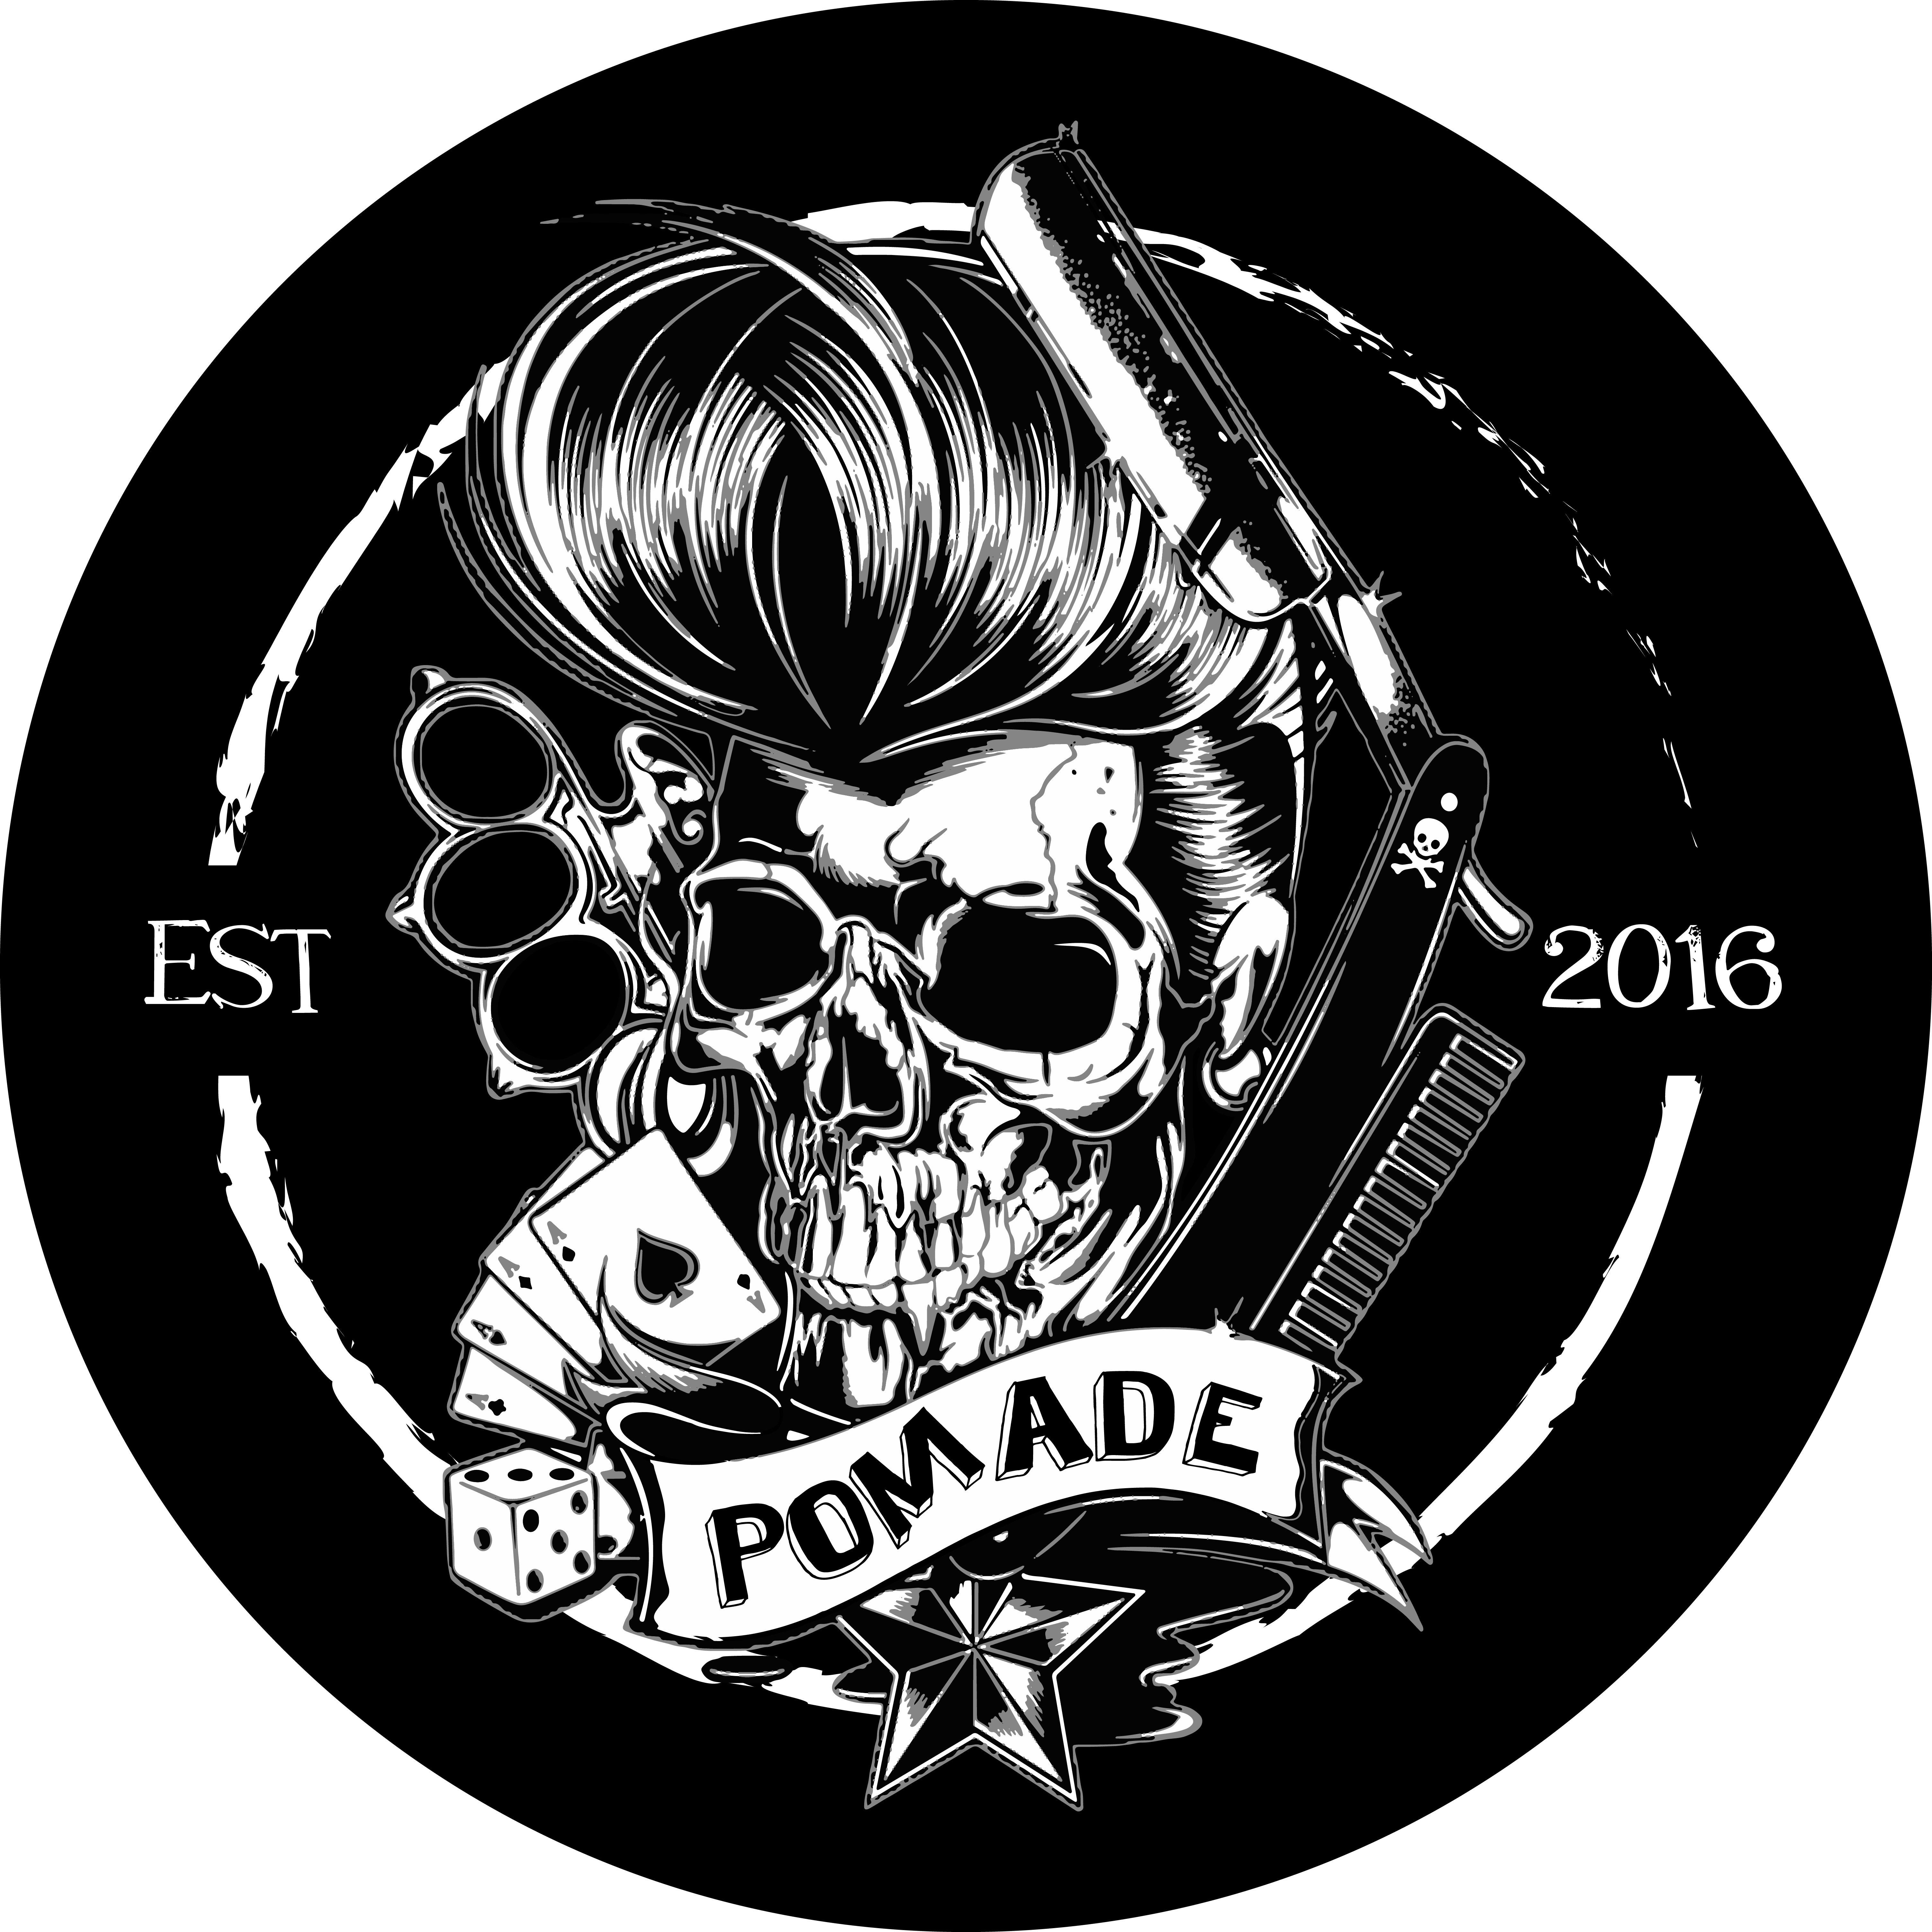 pomade logo Desain, Tengkorak, dan Seni